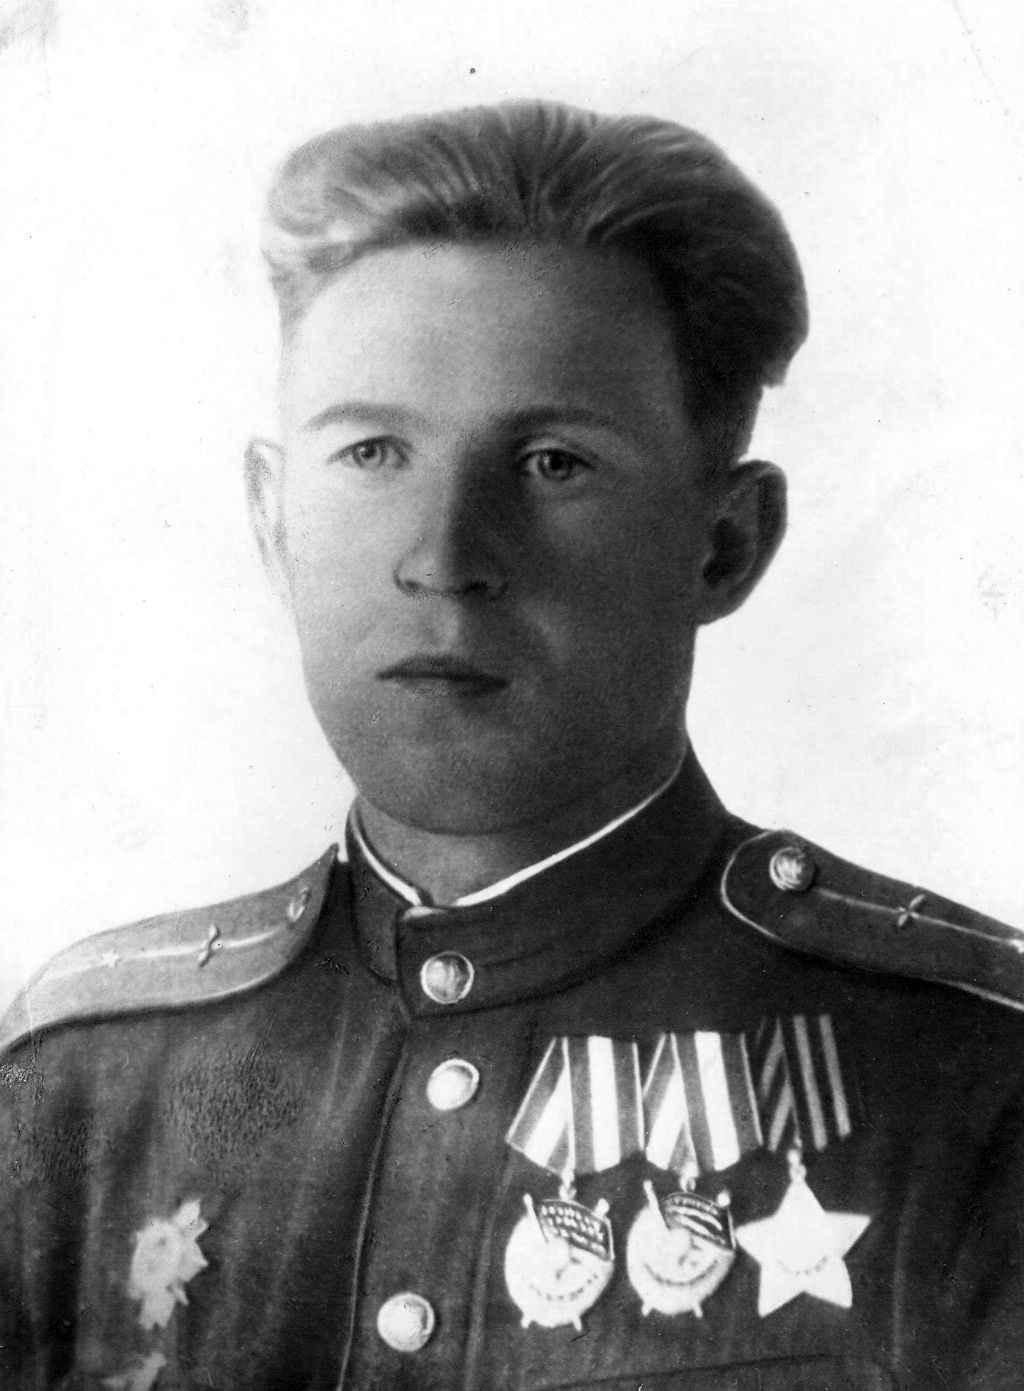 Летчик-штурмовик гвардии младший лейтенант Б.Д. Щапов